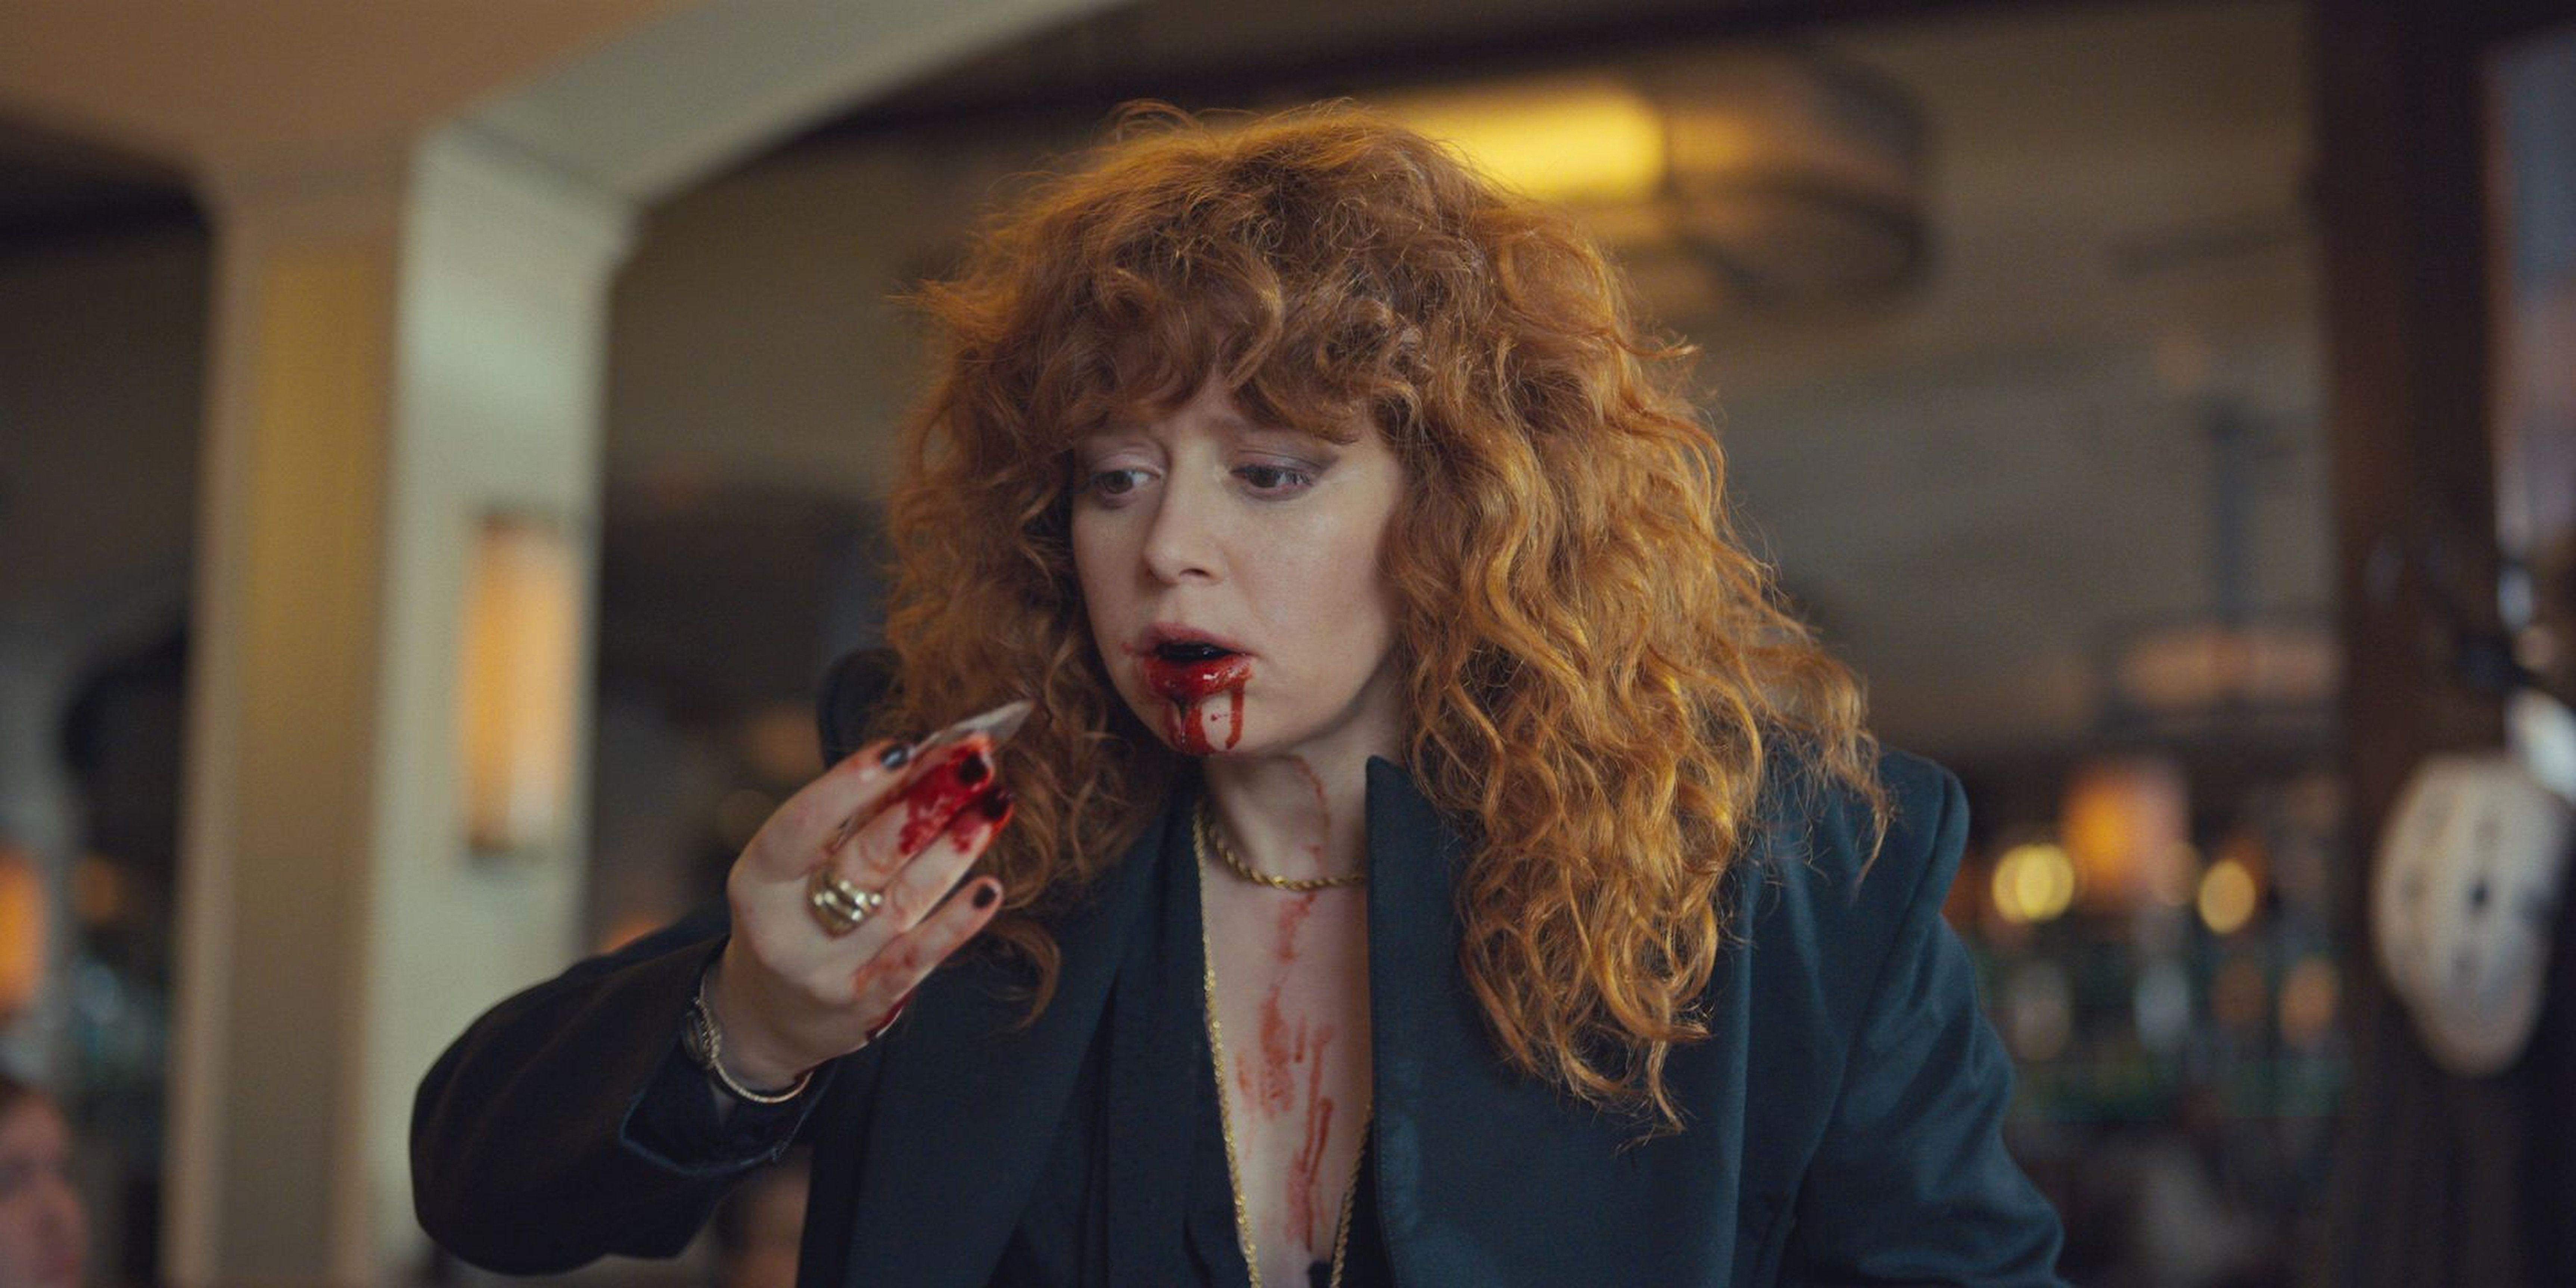 Nadia (Natasha Lyonne) puking up mirror shards in